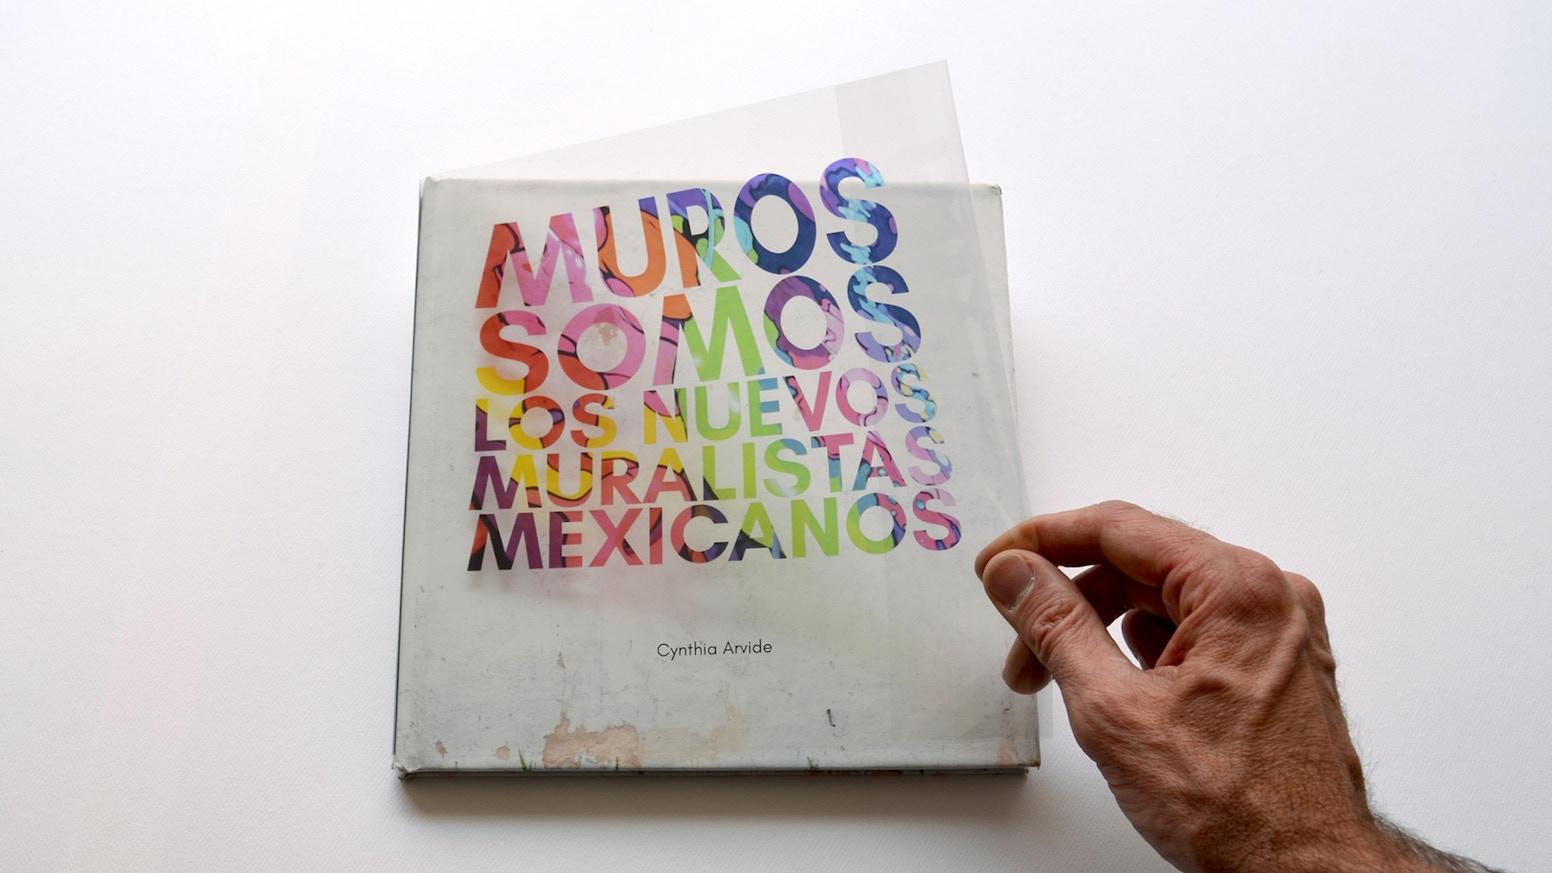 Descubre en este libro quiénes son algunos de los artistas urbanos más talentosos de México / Discover this street art book from Mexico